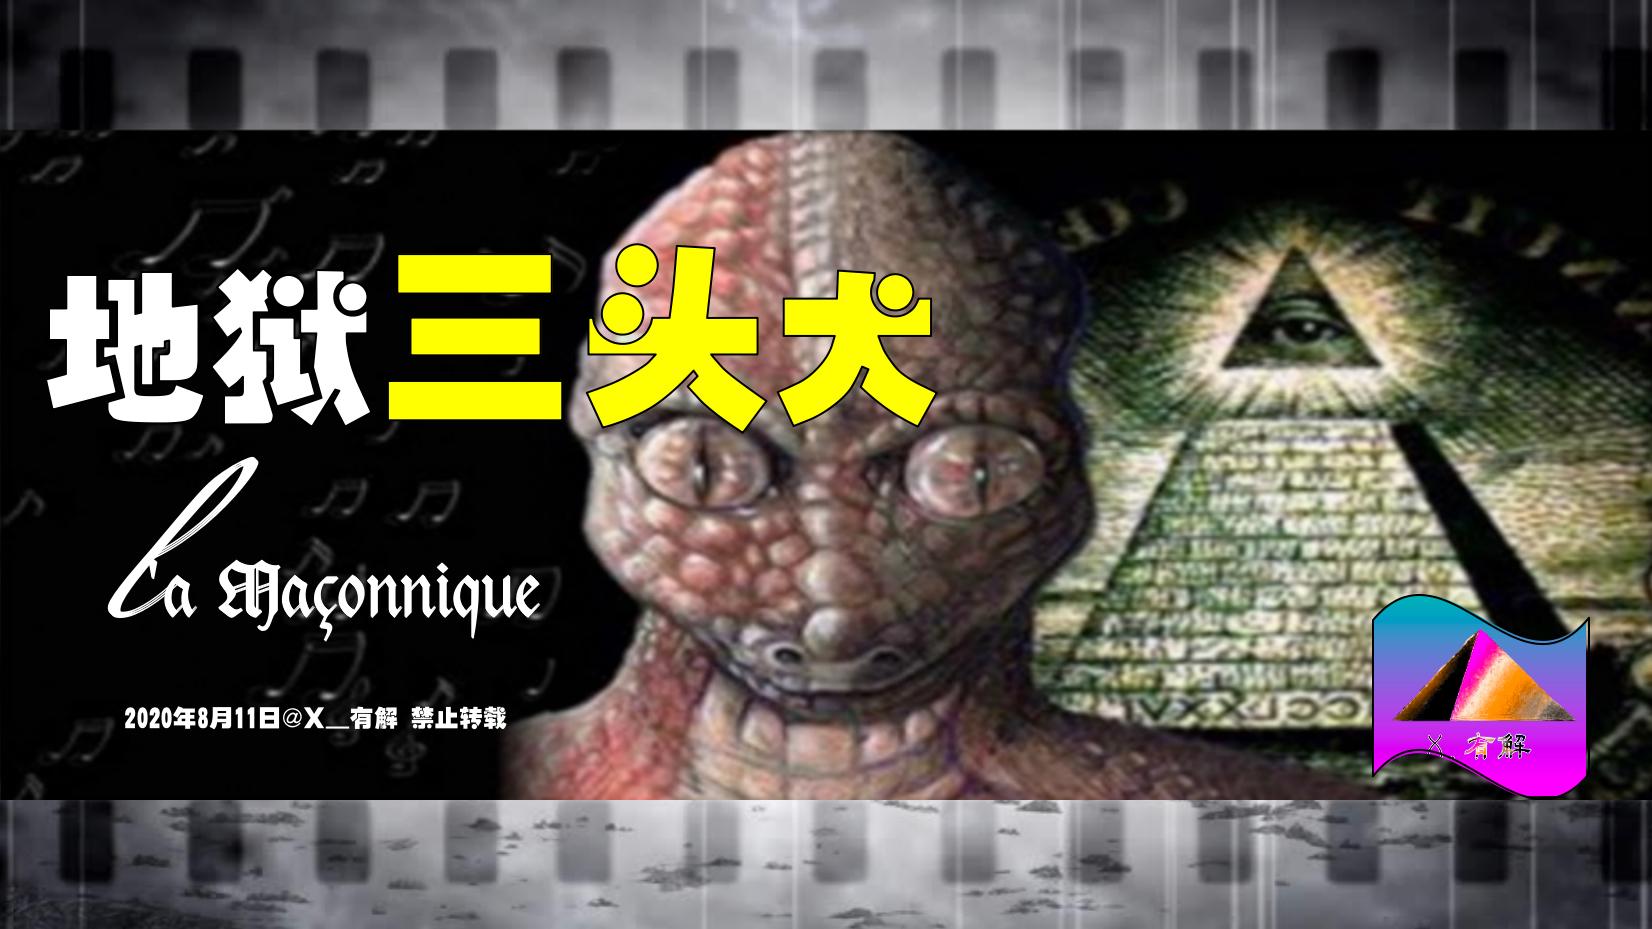 【第3期】共济会首脑是蜥蜴人负能量实体? 是否存在一个外星地底文明? X_有解